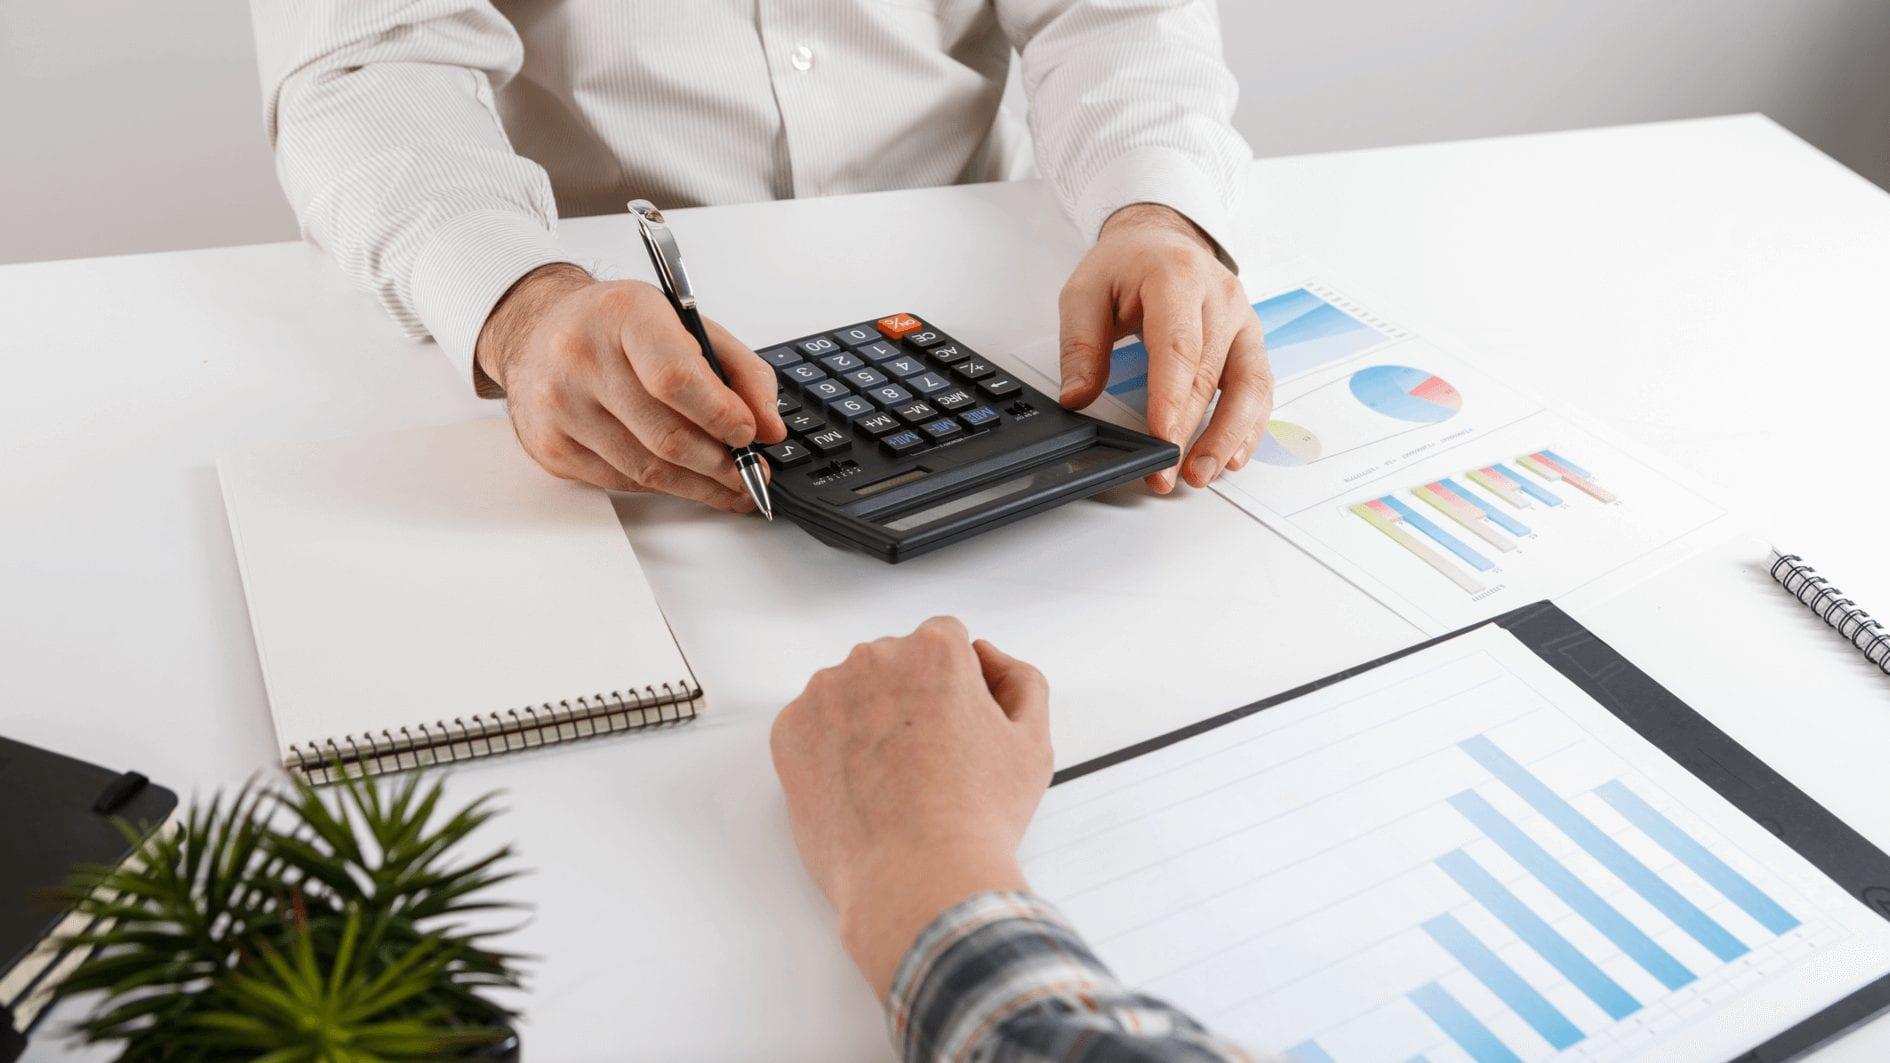 Struktur dan skala upah merupakan hal yang wajib ada di perusahaan. Hal tersebut sudah diatur dalam Peraturan Menteri Ketenagakerjaan (Permenaker) Nomor 1 Tahun 2017.